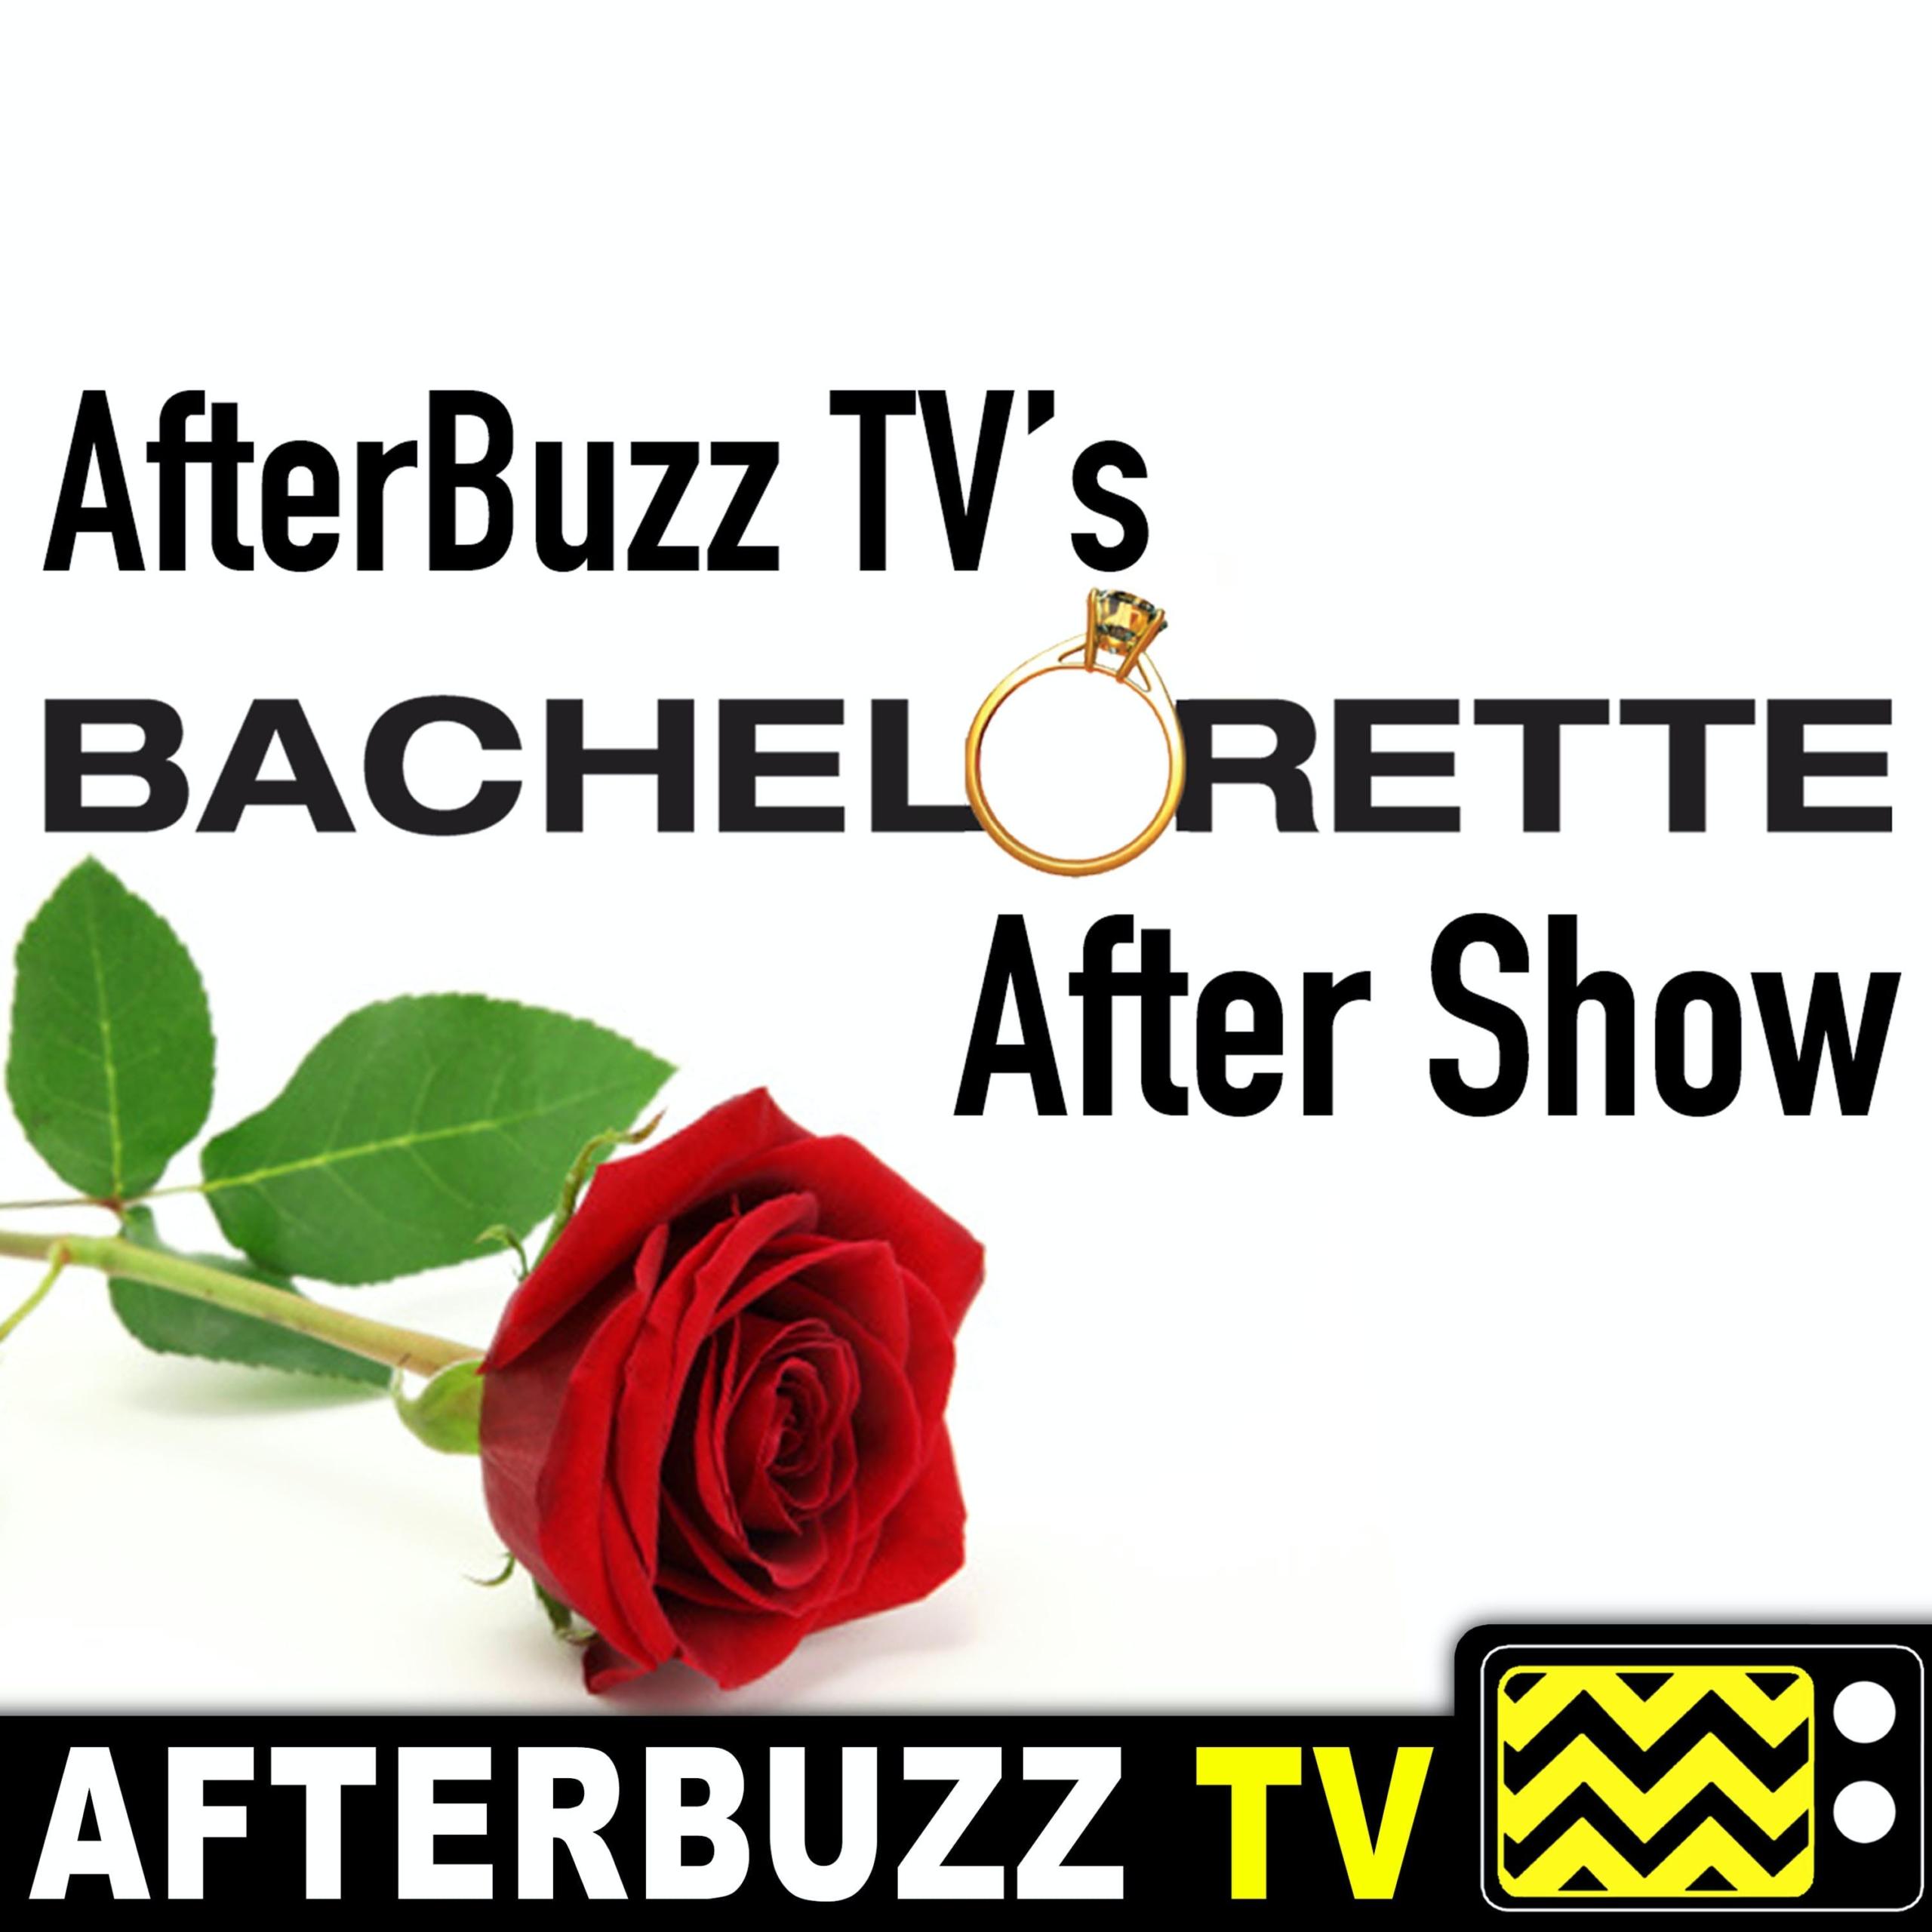 Season 15 Episode 13 'The Bachelorette' Review